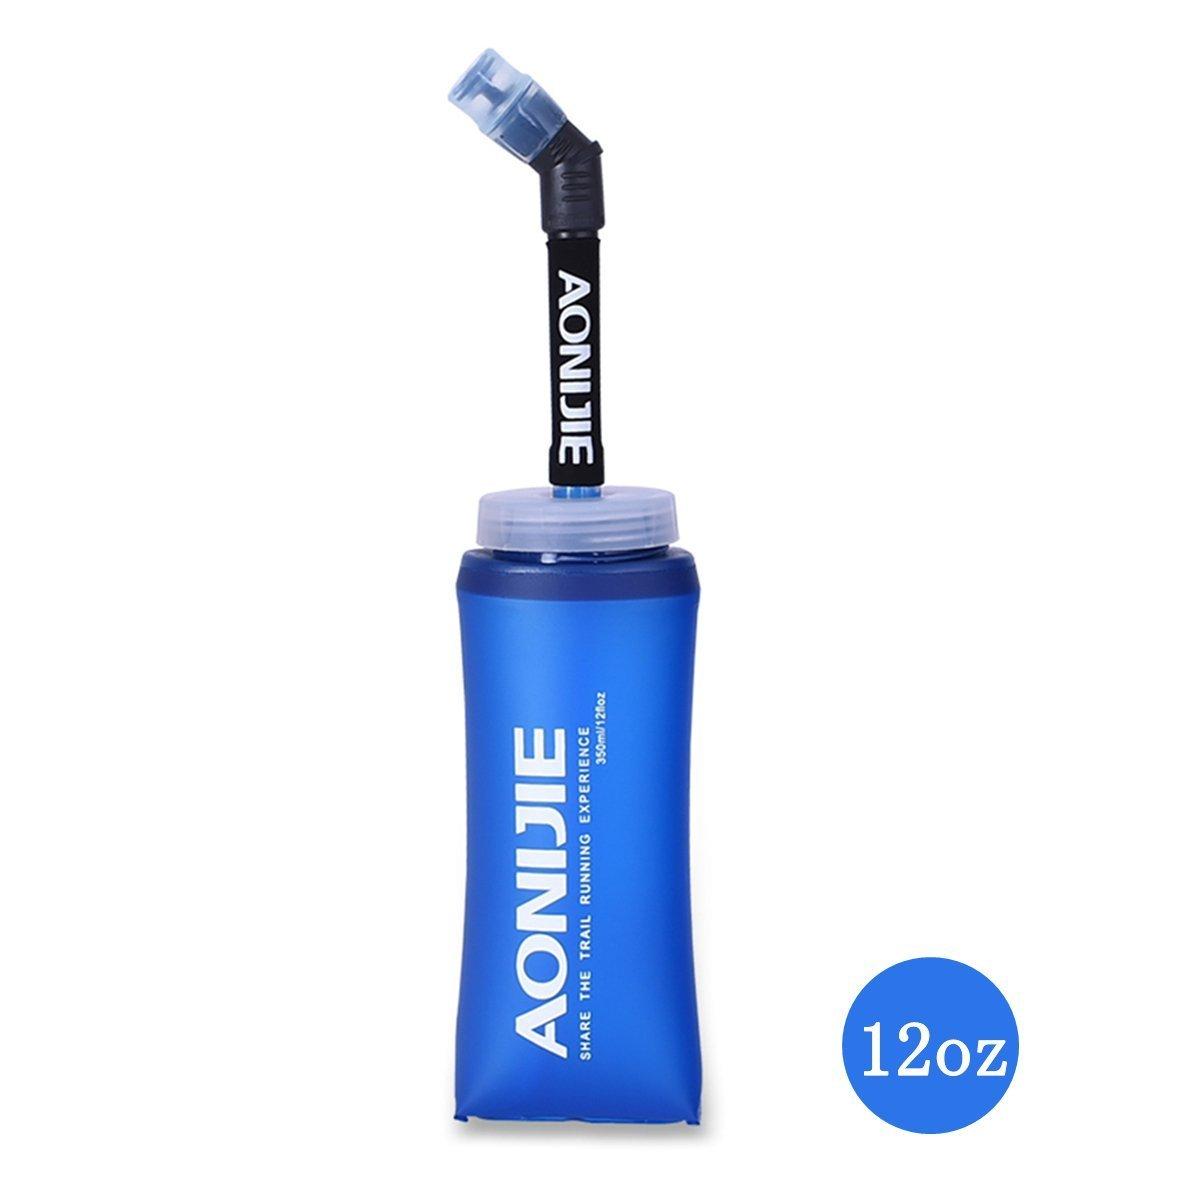 【激安アウトレット!】 piixyソフト水ボトル 20oz、TpuソフトFolding Water 12oz Bag – with Straw CollapsibleのフラスコHydration Pack – 理想的なライトと実行のBPA free.ハイキングサイクリング登山 12oz and 20oz B07DK7X7PT, Fairytail:3f35a1ea --- a0267596.xsph.ru